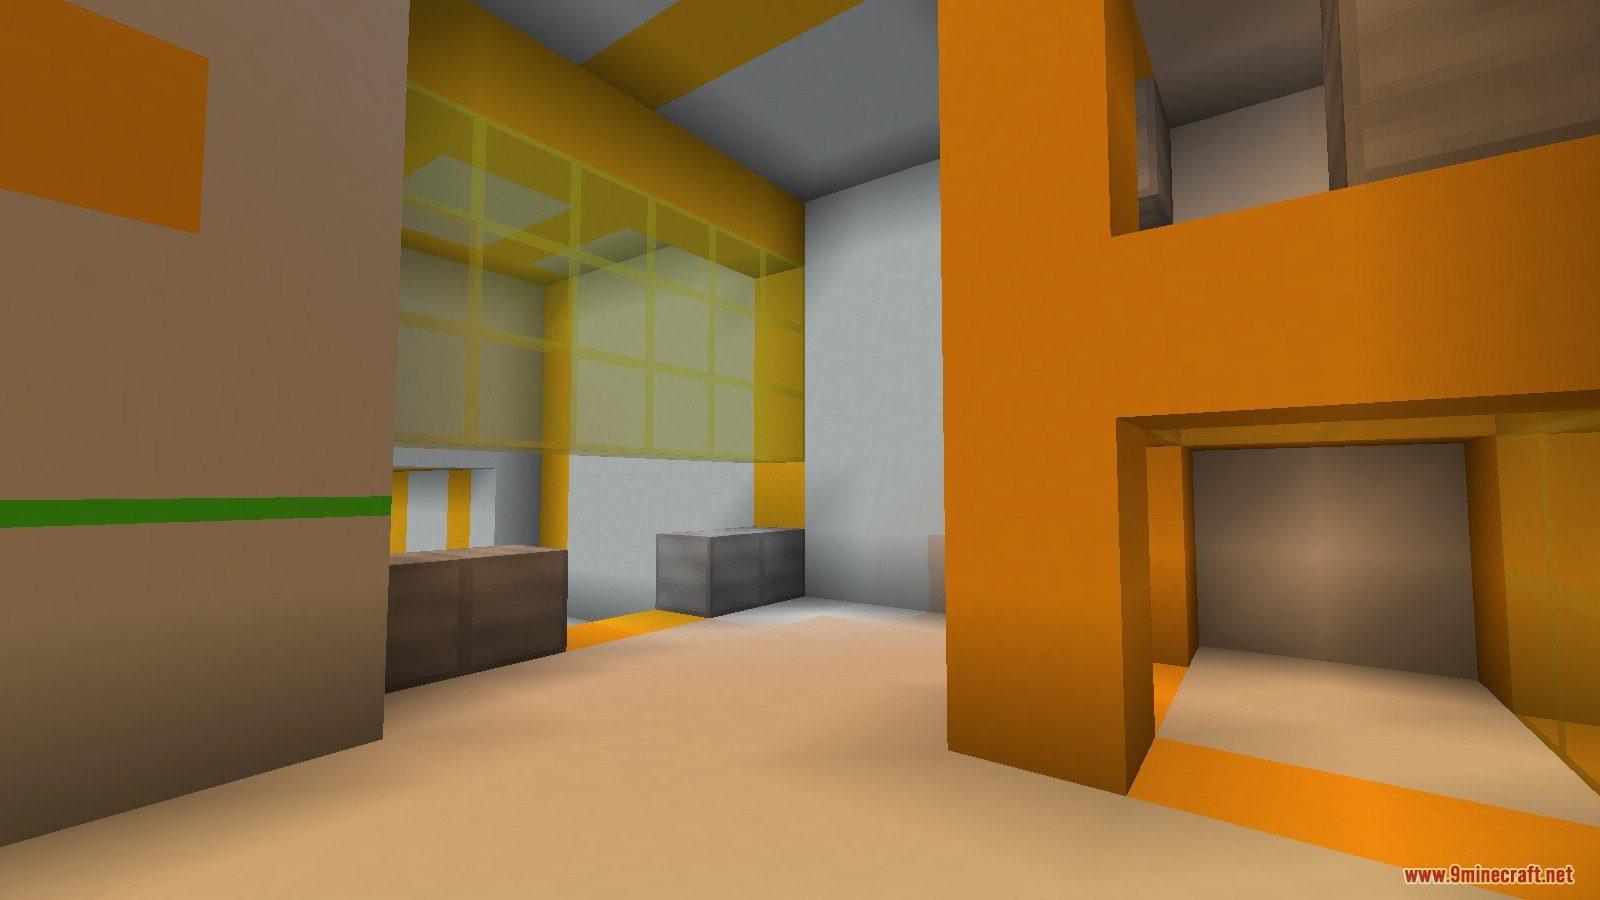 Super Slime Lab Map Screenshots (9)